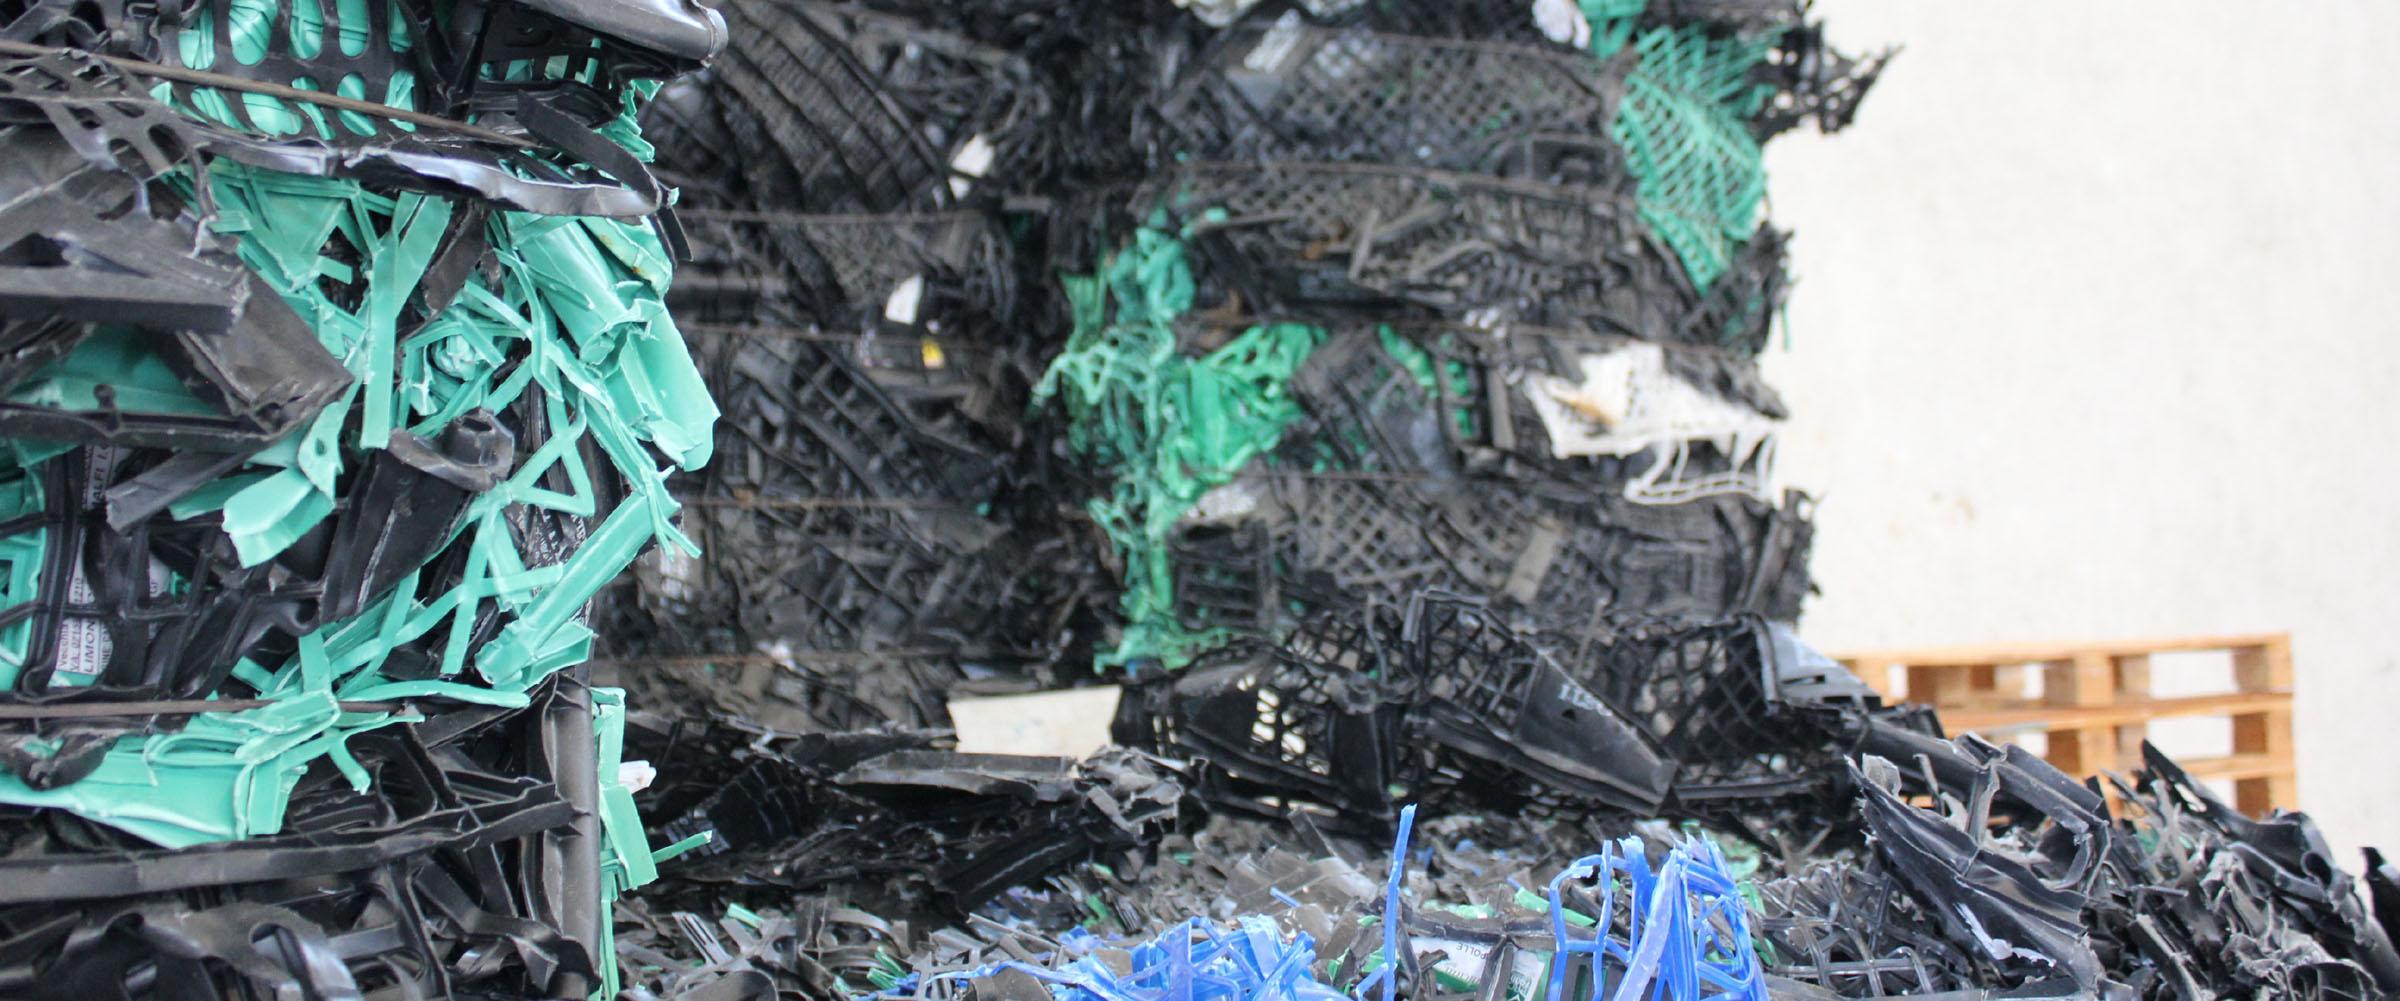 recupero, trasporto, smaltimento, imballaggi plastica